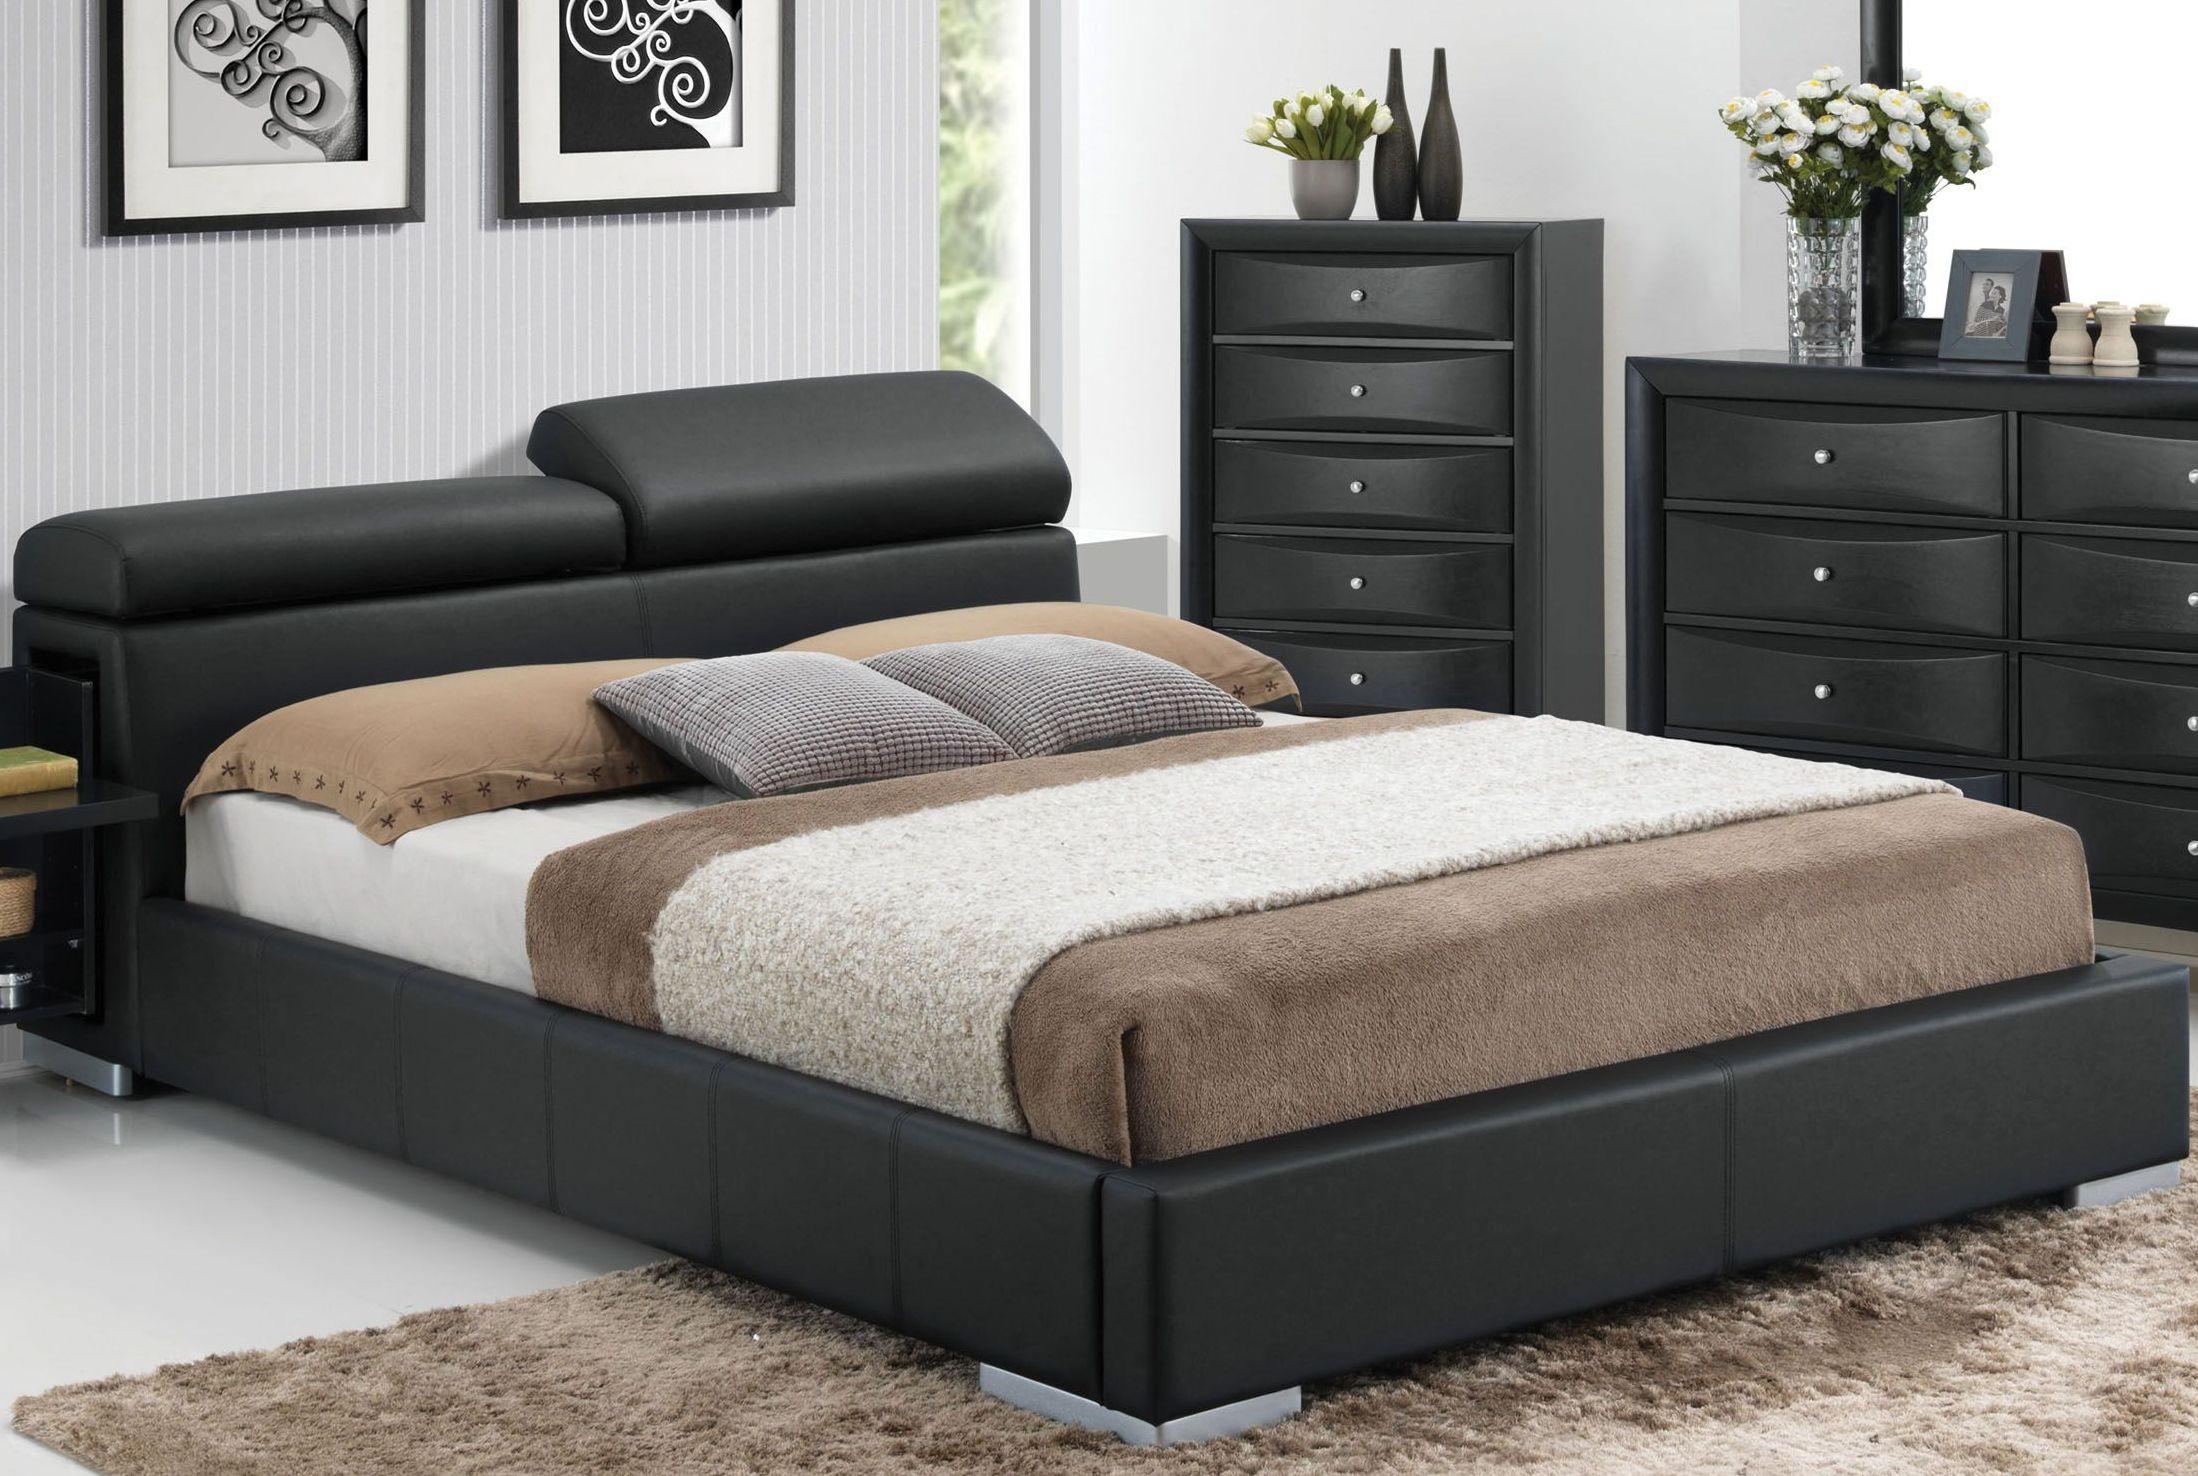 Acme Manjot Black King Hidden Storage Platform Bed